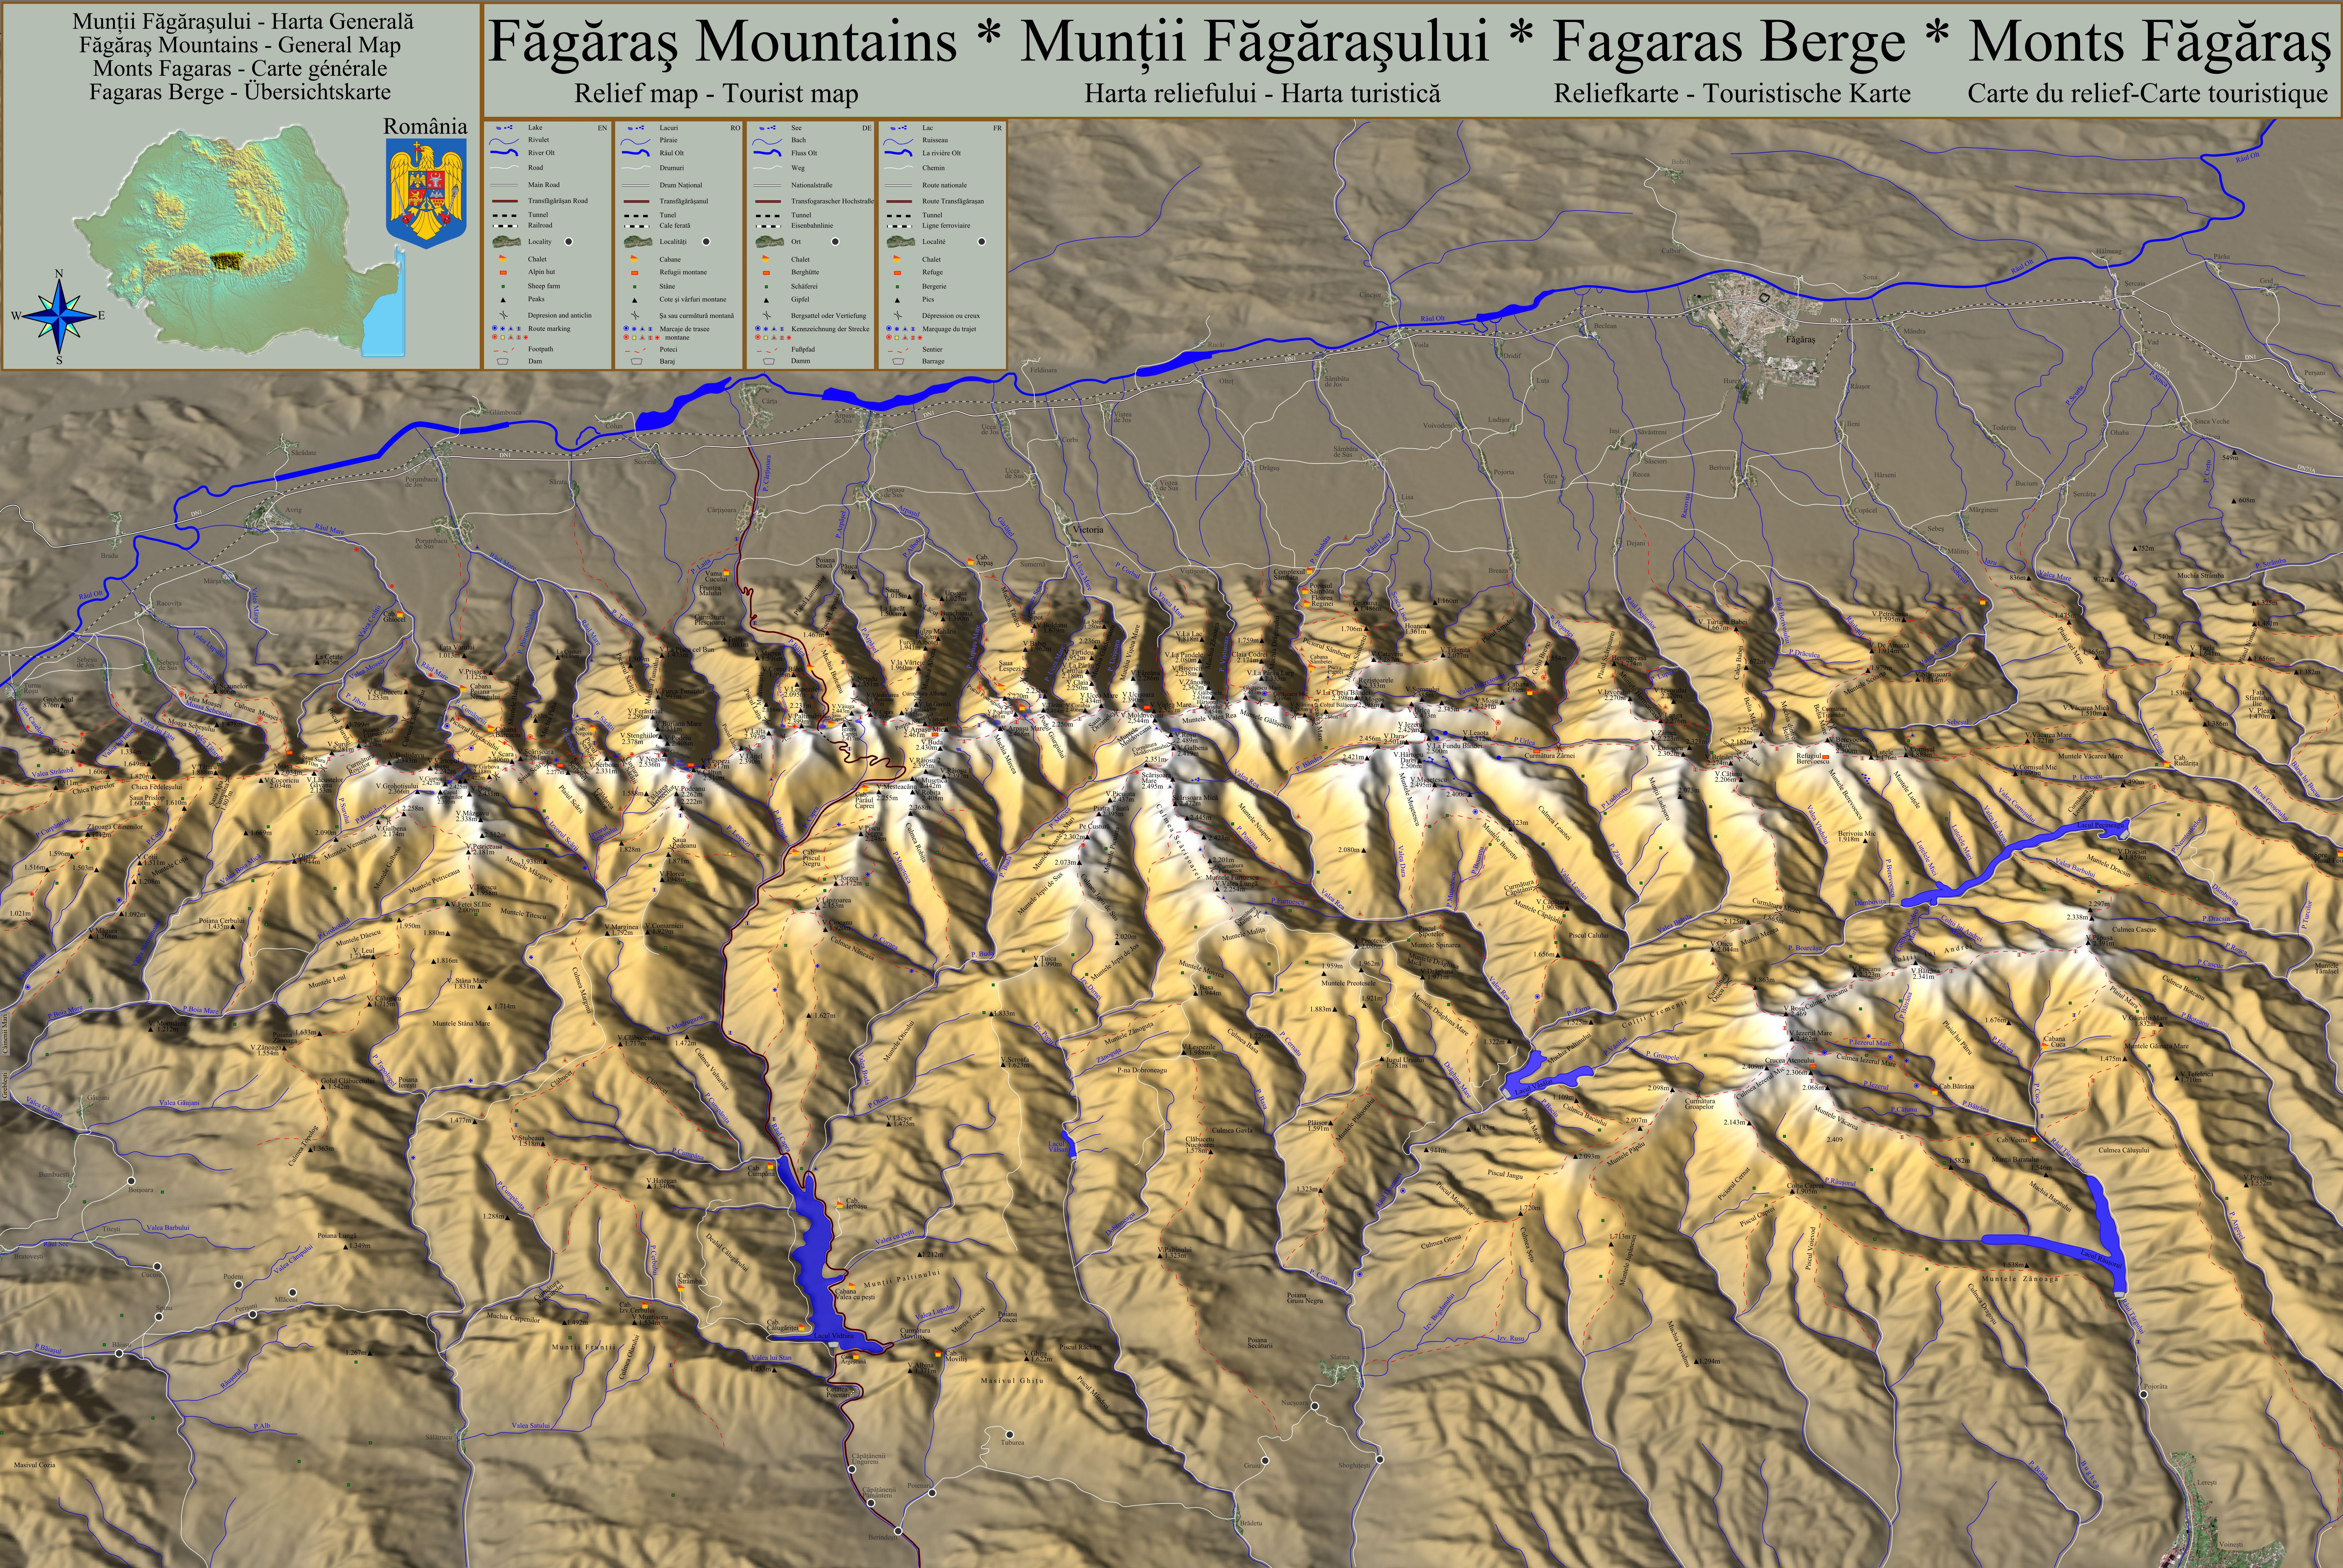 File Muntii Fagarasului Harta Turistica Si A Reliefului Jpg